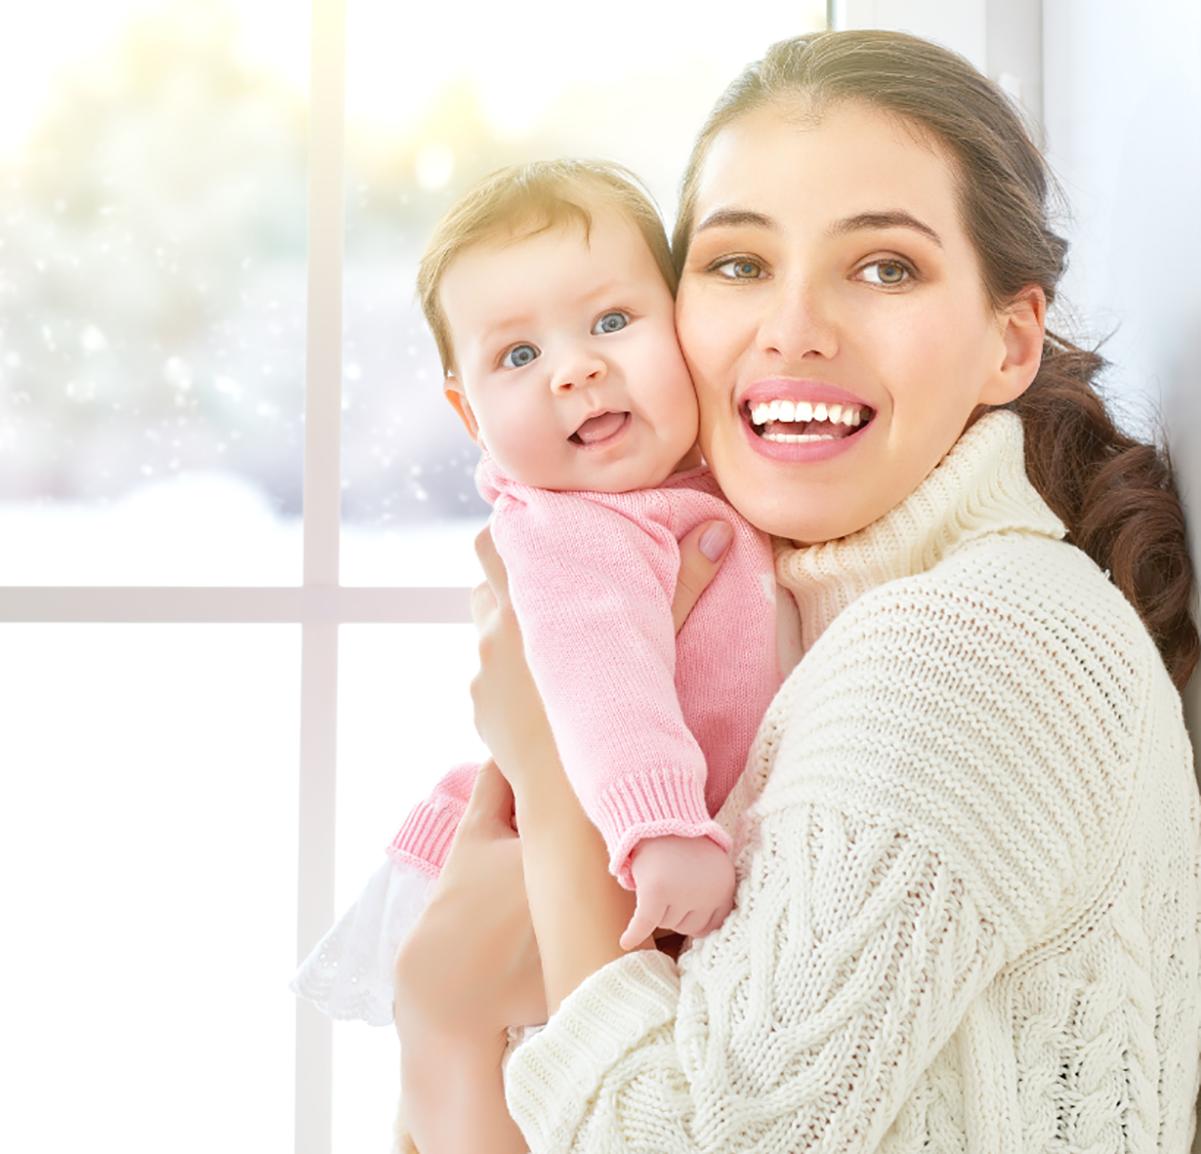 Bienvenida a Embarazados, un espacio para disfrutar de tu maternidad como te mereces.